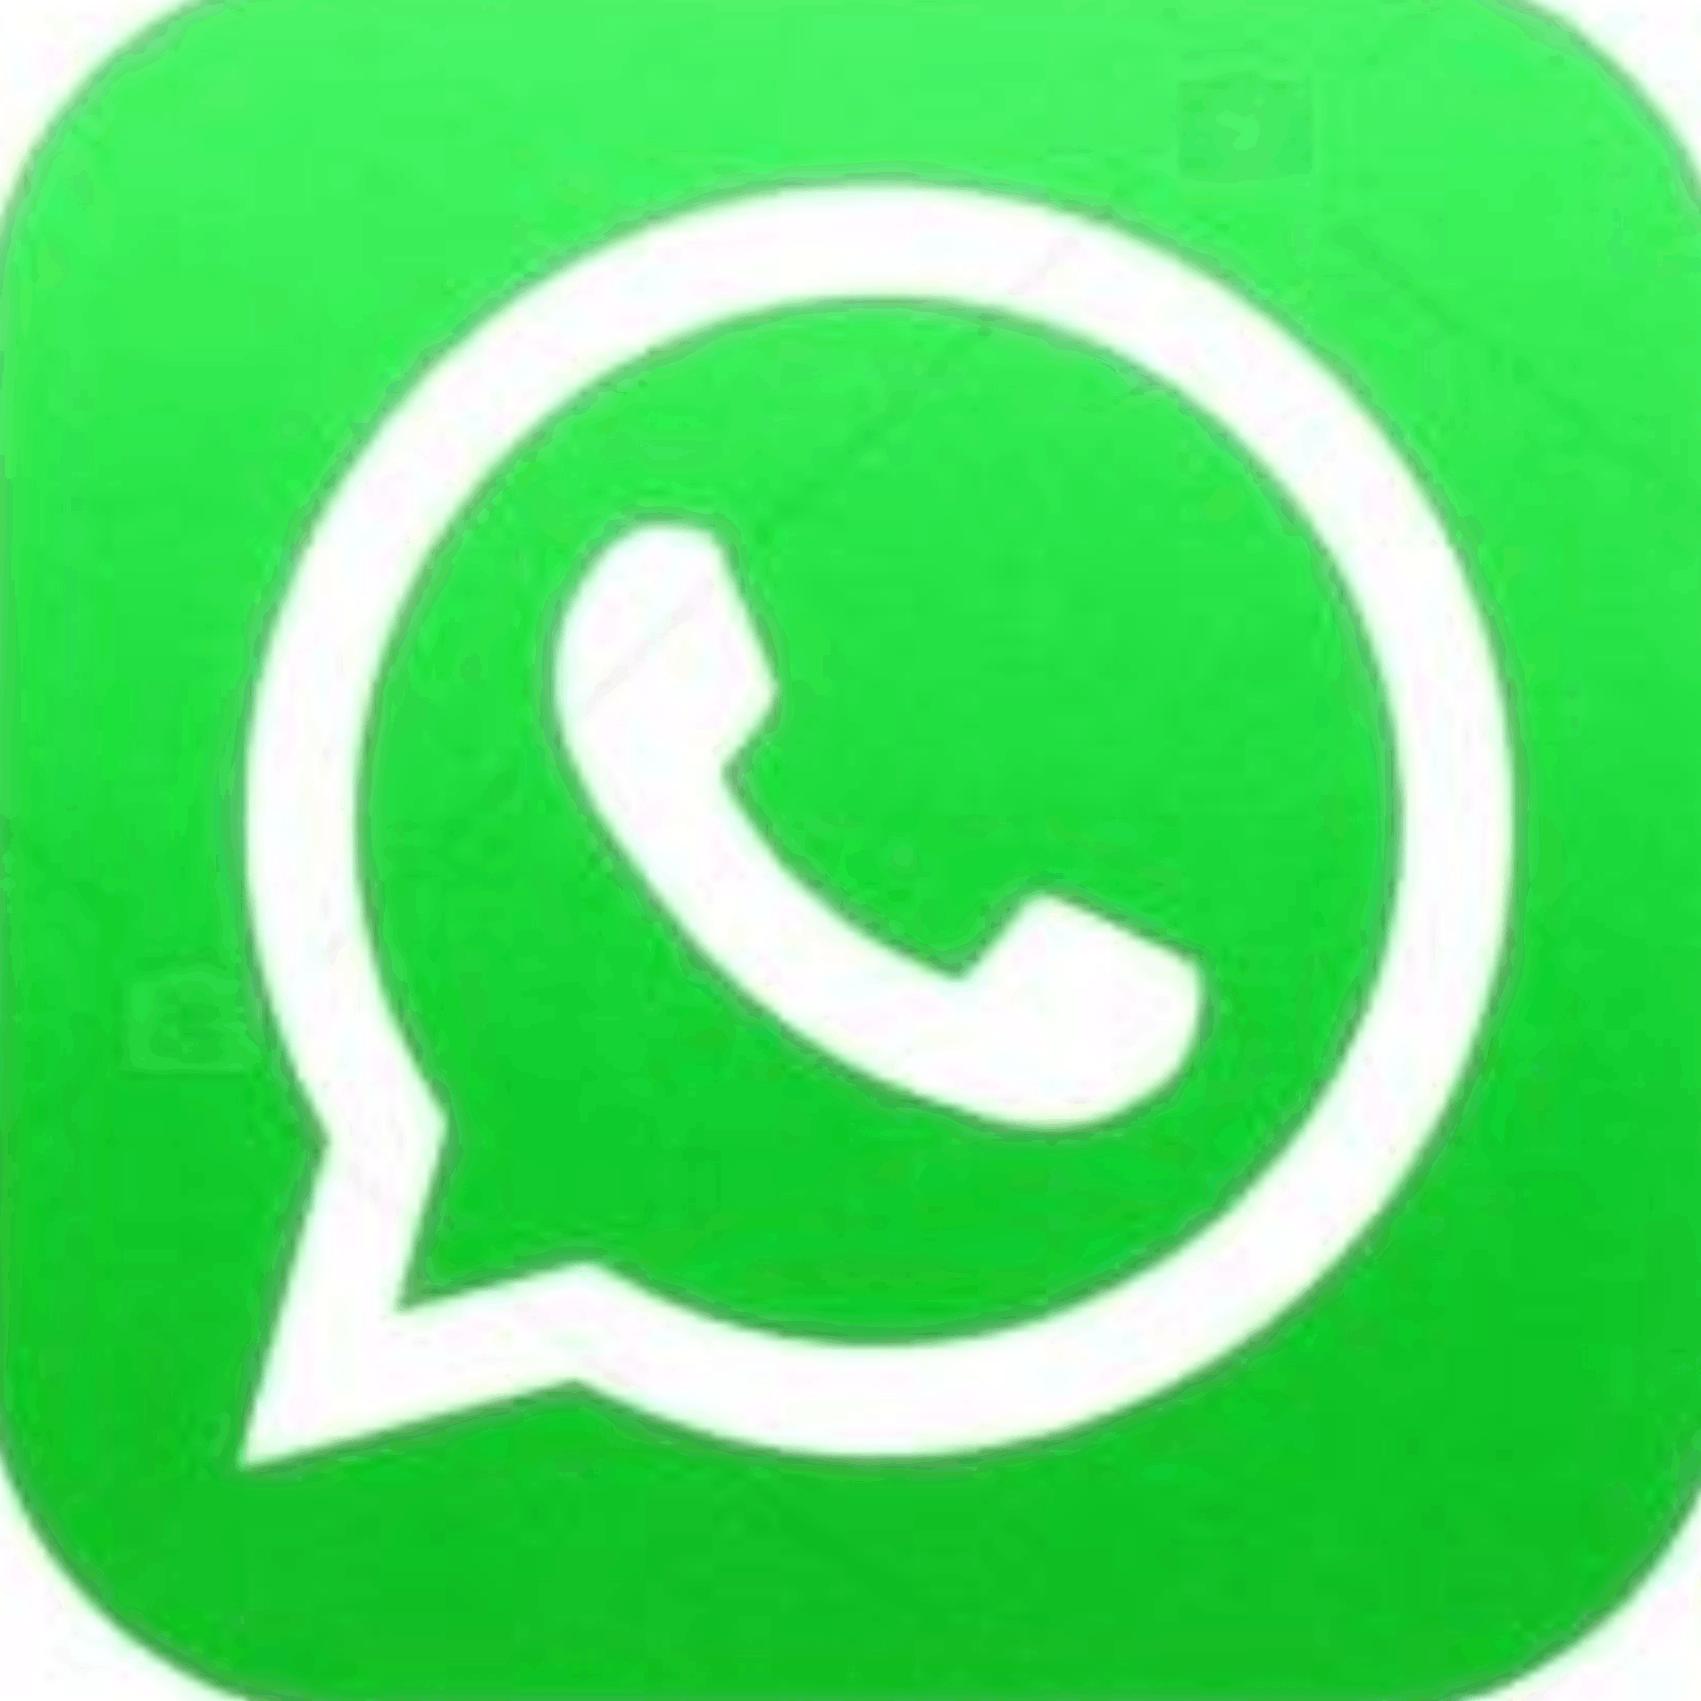 Mensajes y llamadas por Whatsapp